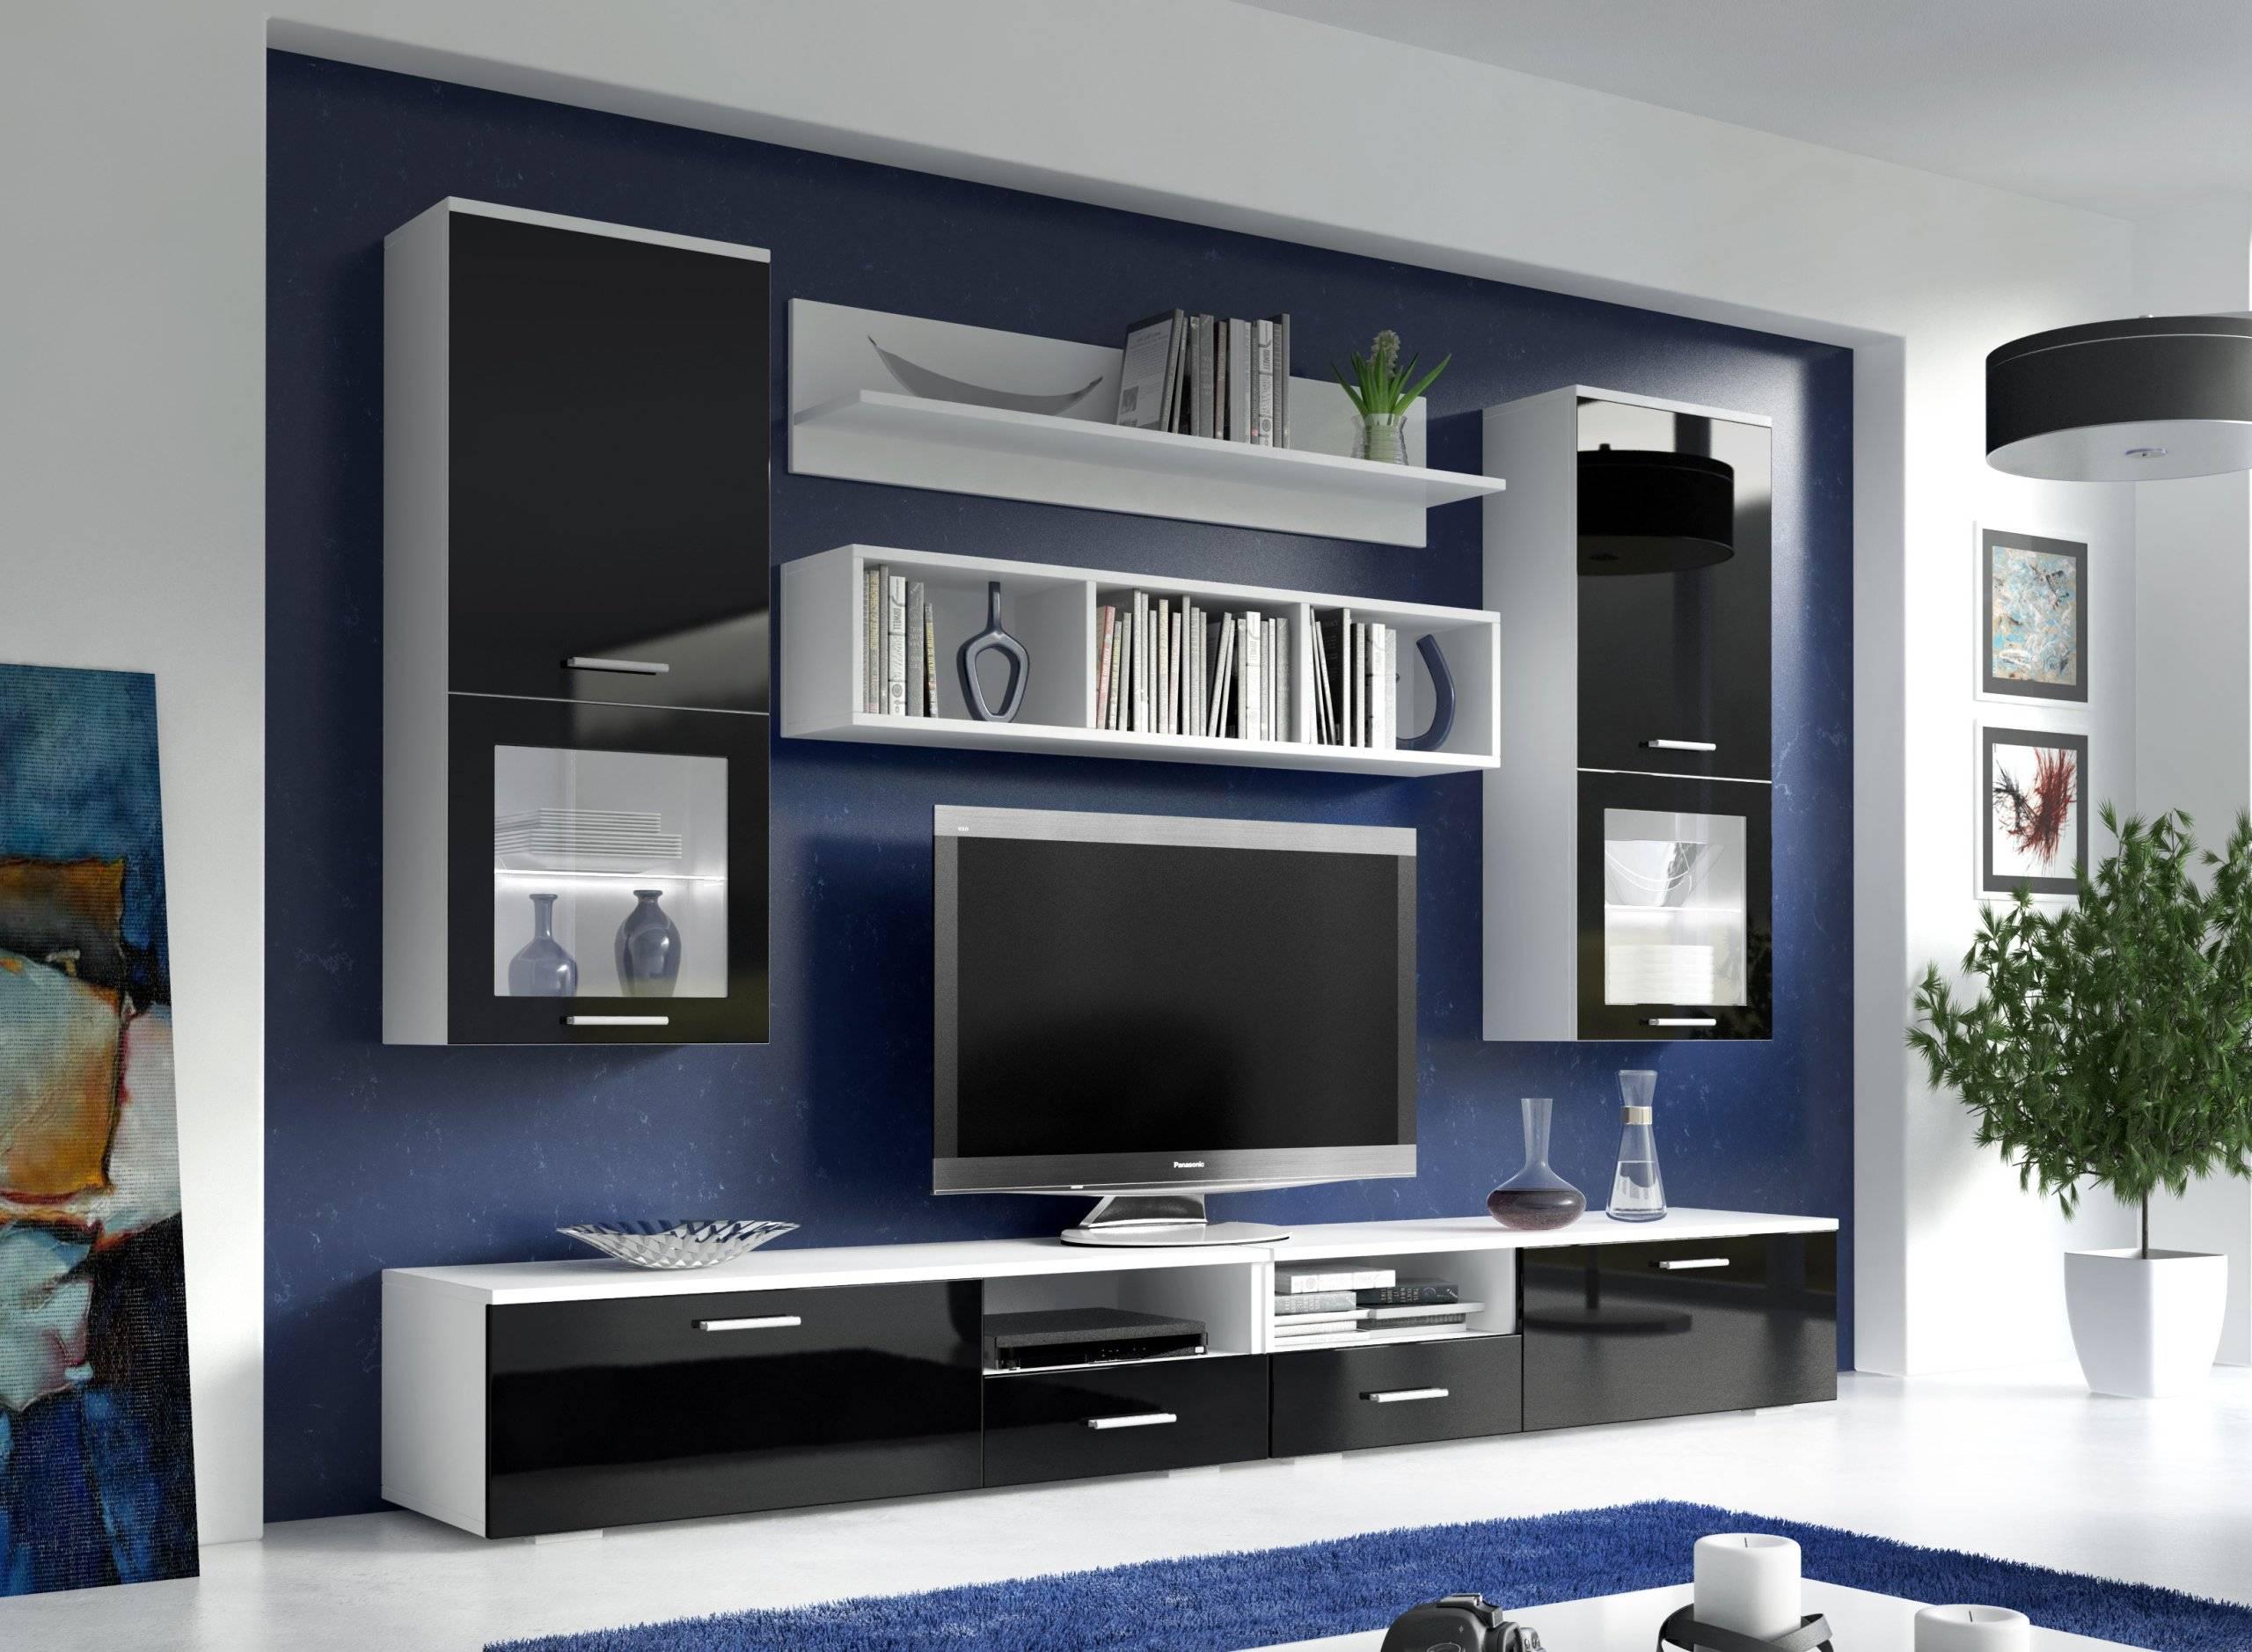 Современные стенки горки в гостиную: фото дизайна, виды стенок, советы по выбору